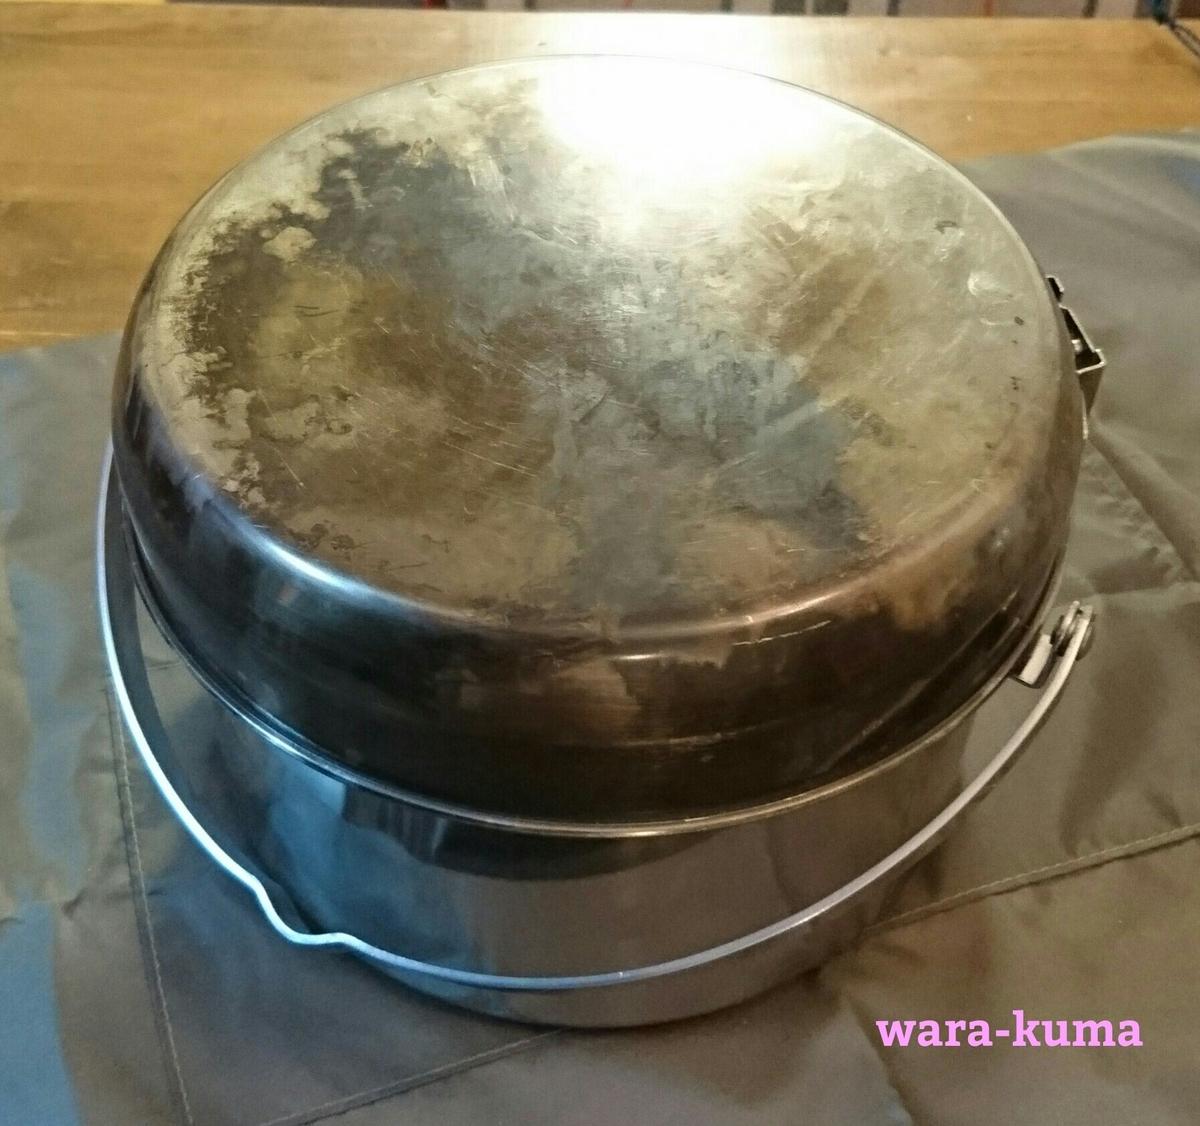 f:id:wara-kuma:20200128211900j:plain